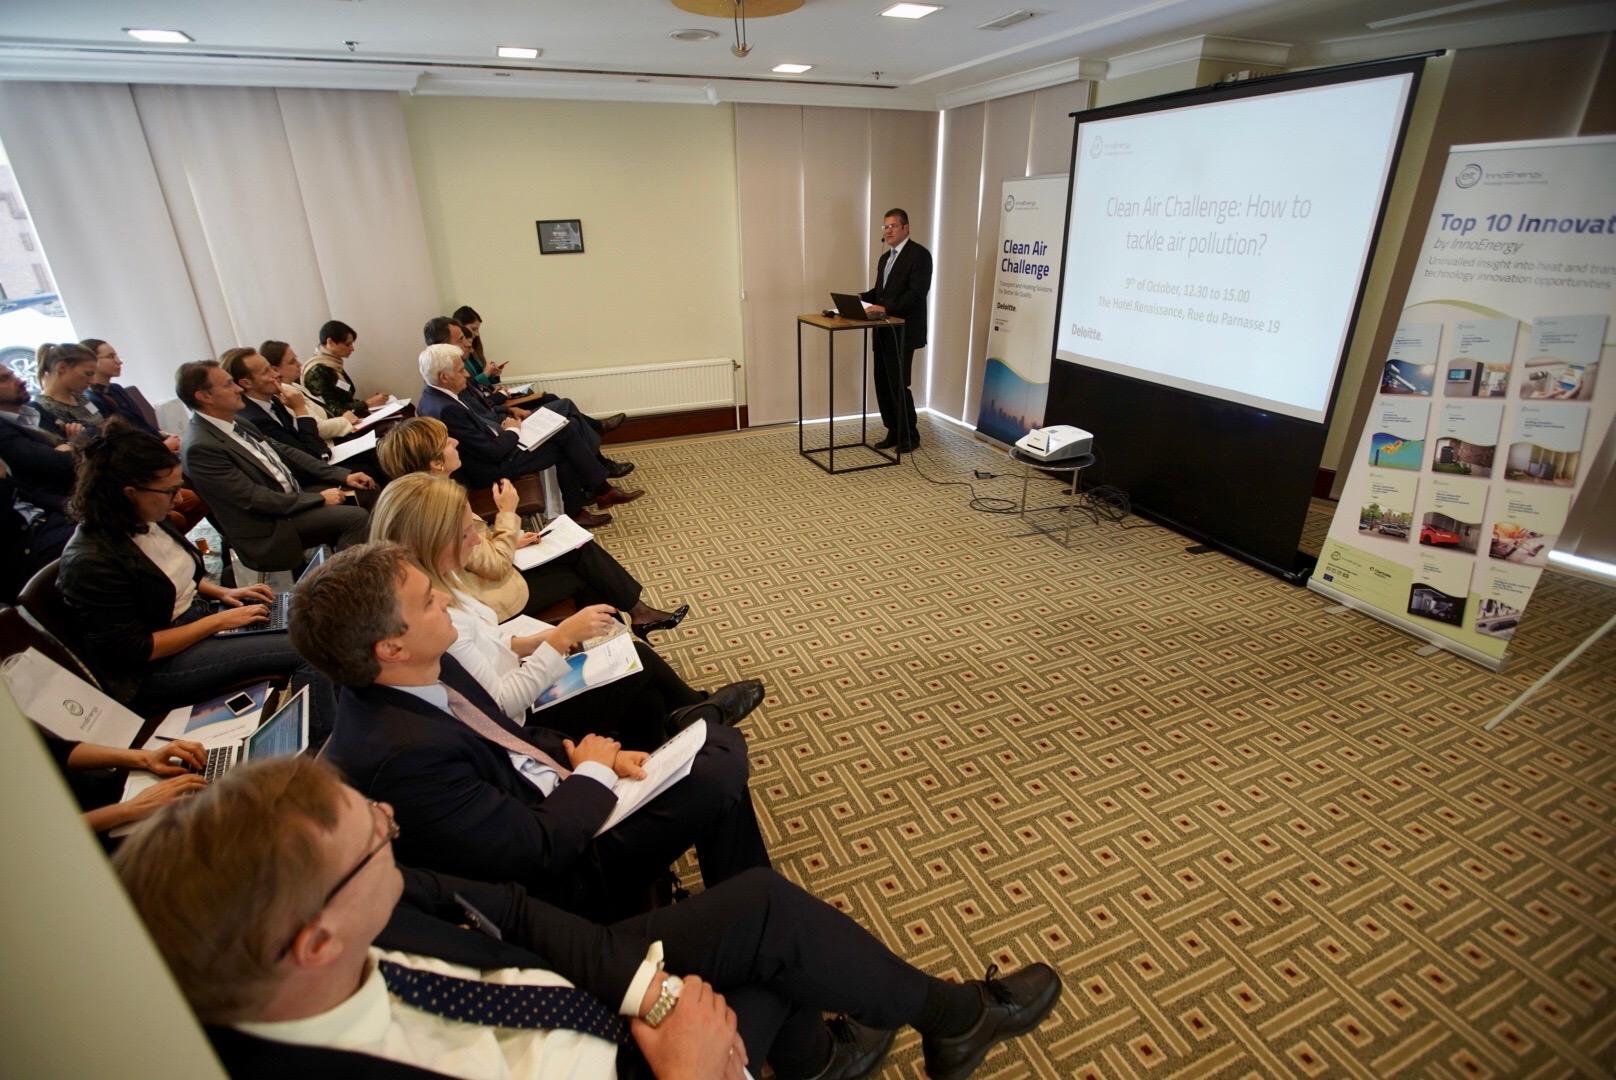 Raportit tutvustati eile avalikkusele Brüsselis toimunud üritusel koos juhtivate poliitikute ja poliitikakujundajatega.